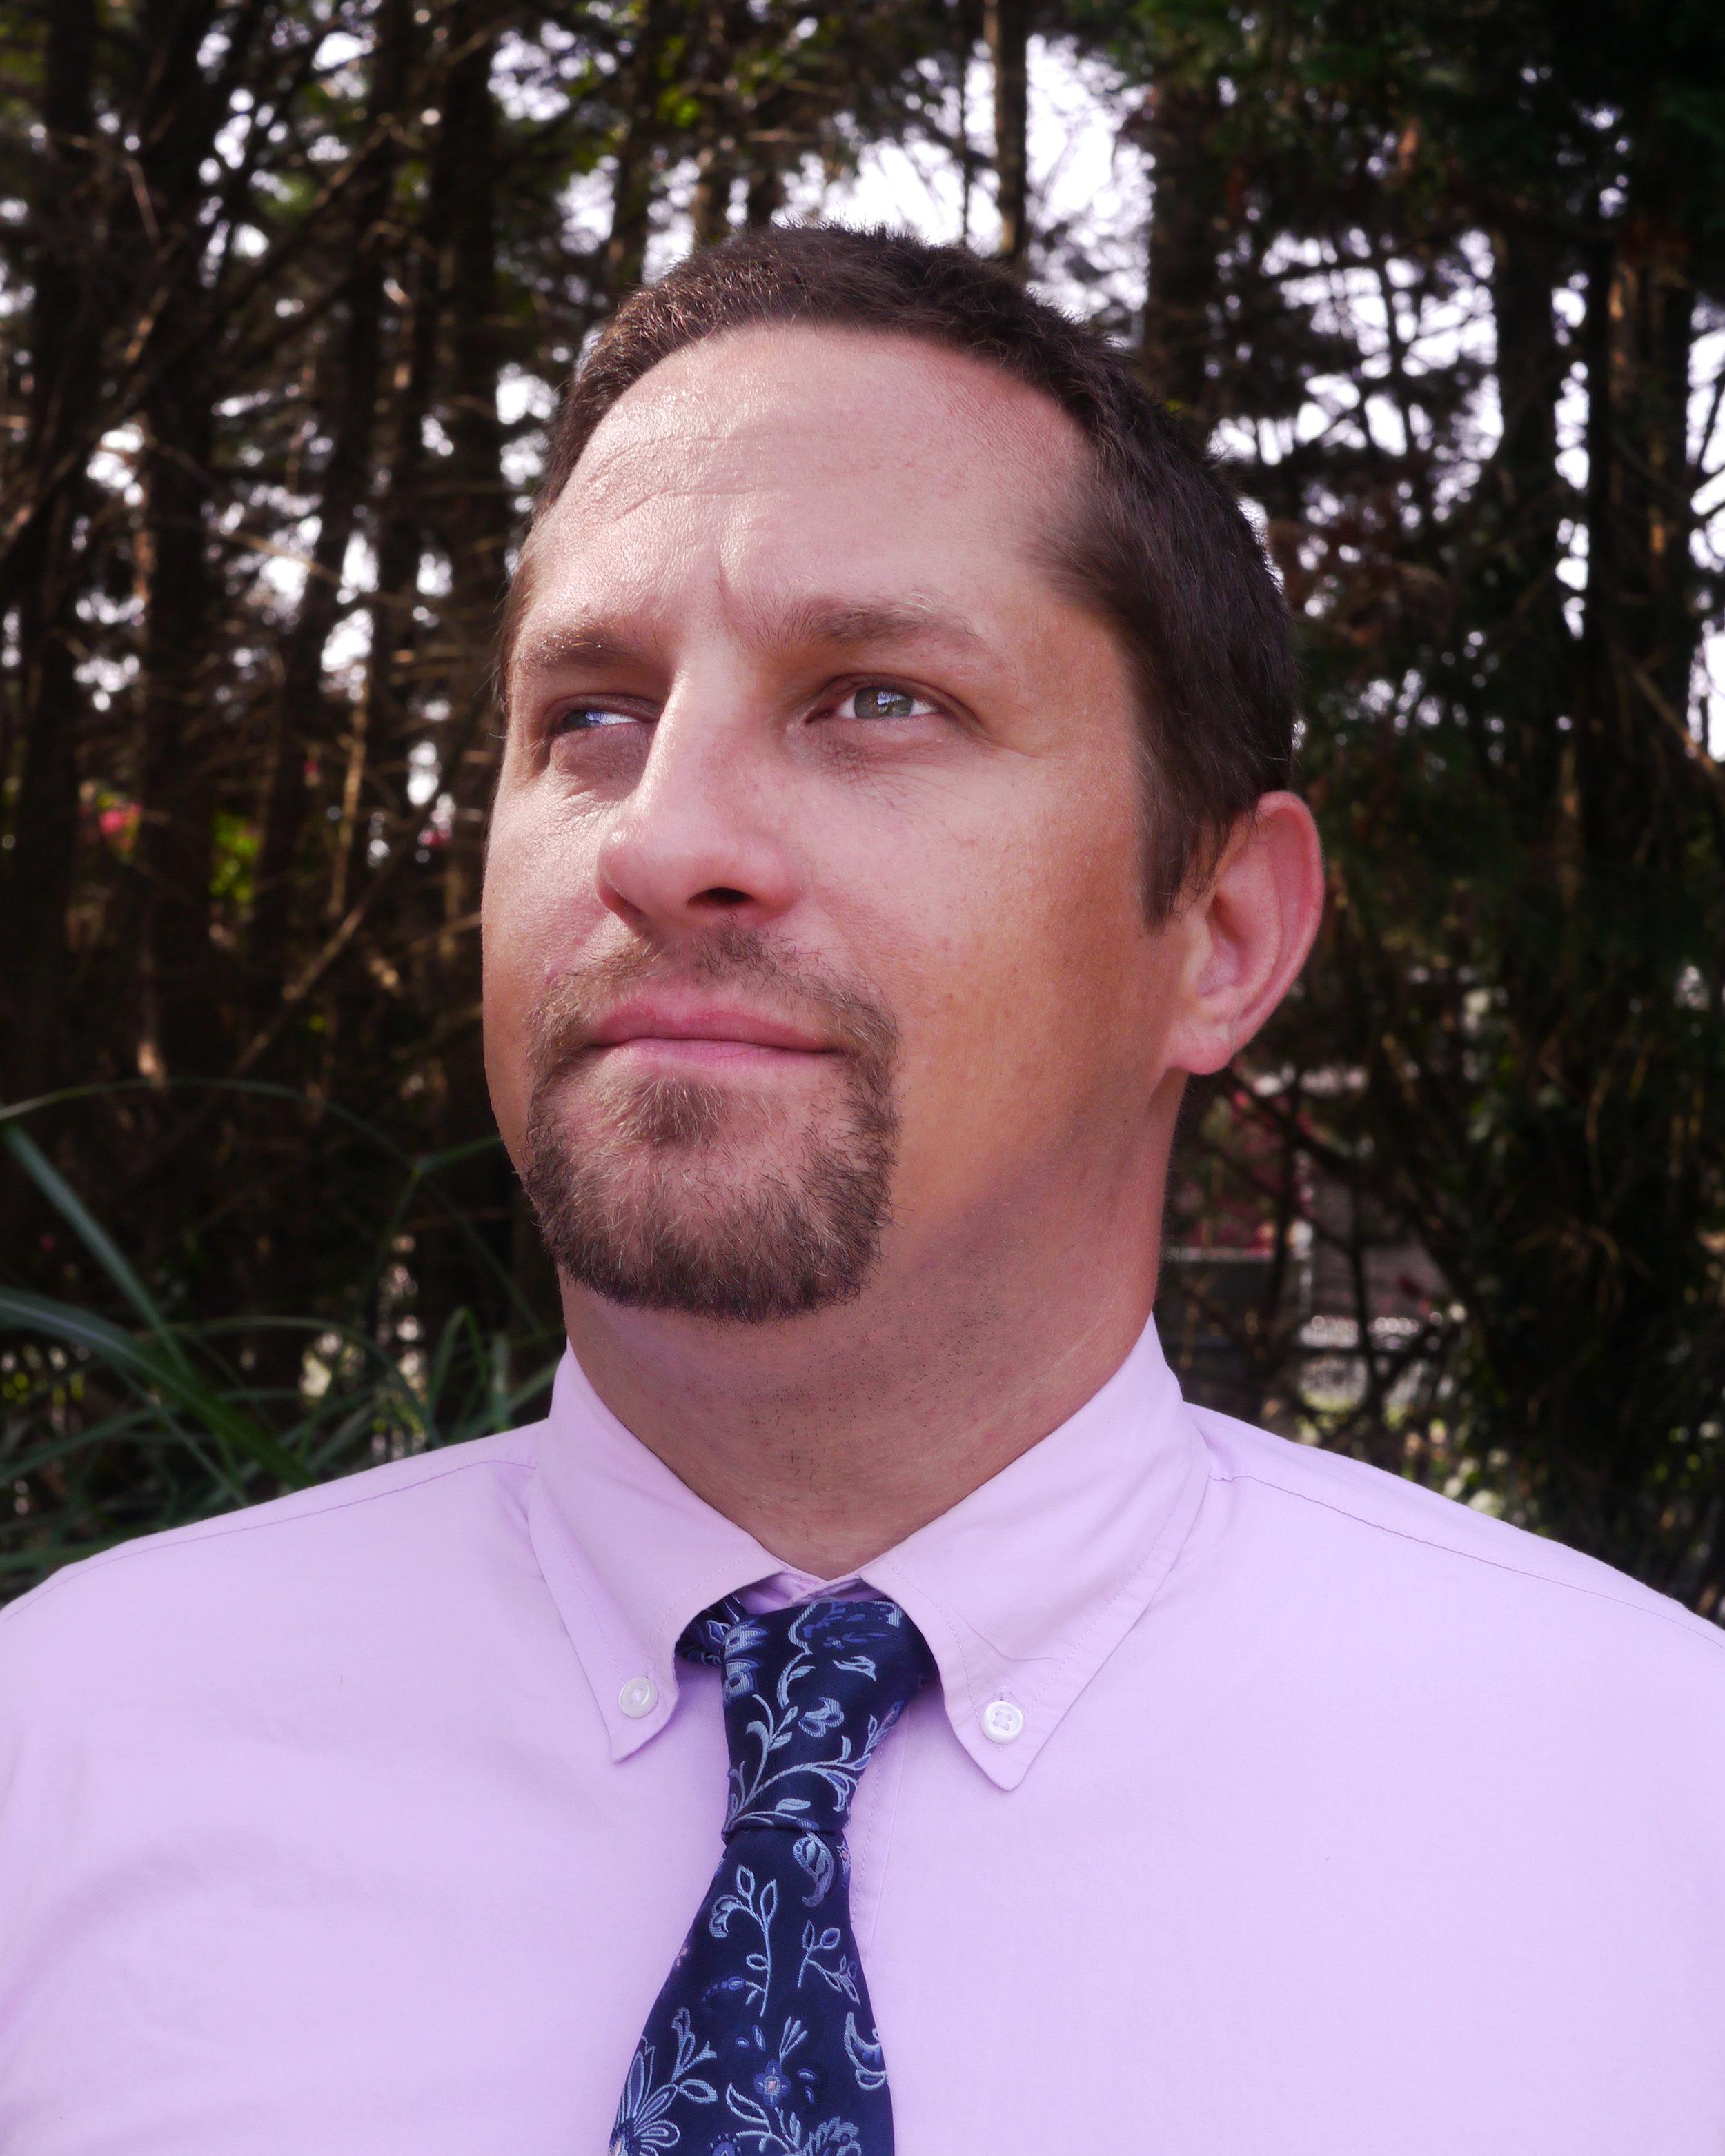 Hadley King  Bioinformatics tool developer, GW  hadley_king@gwmail.gwu.edu